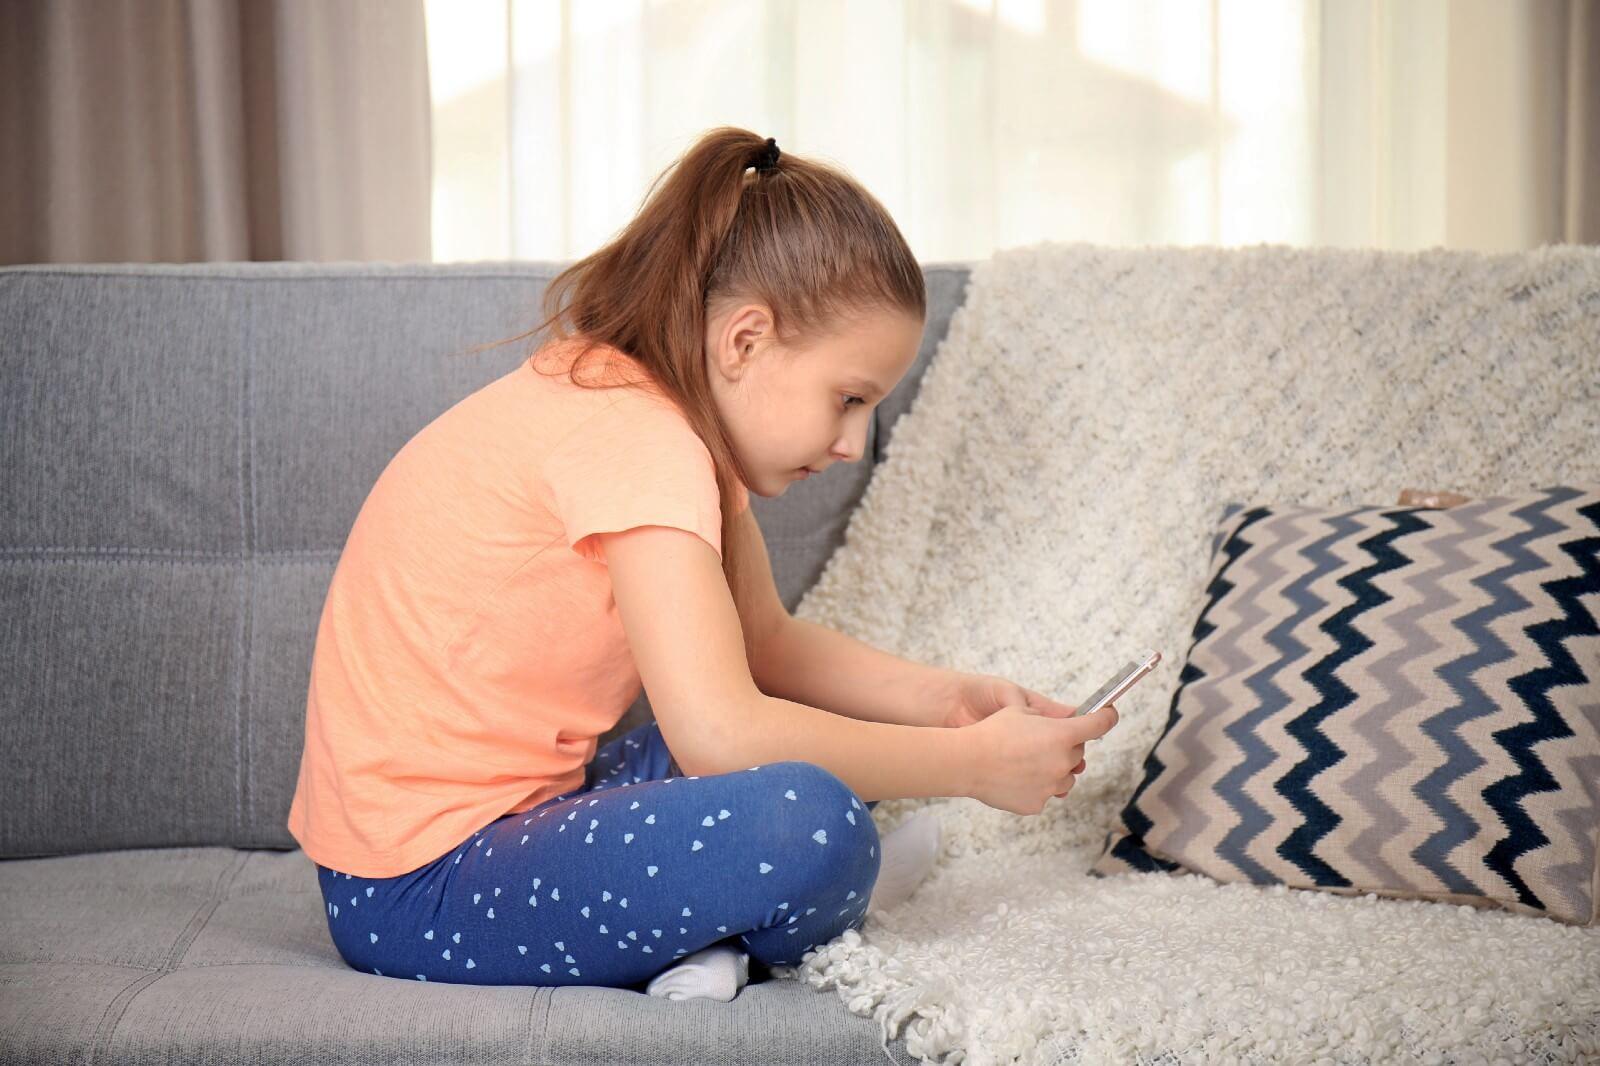 dhimbja e shpines te femijet dhe sporti